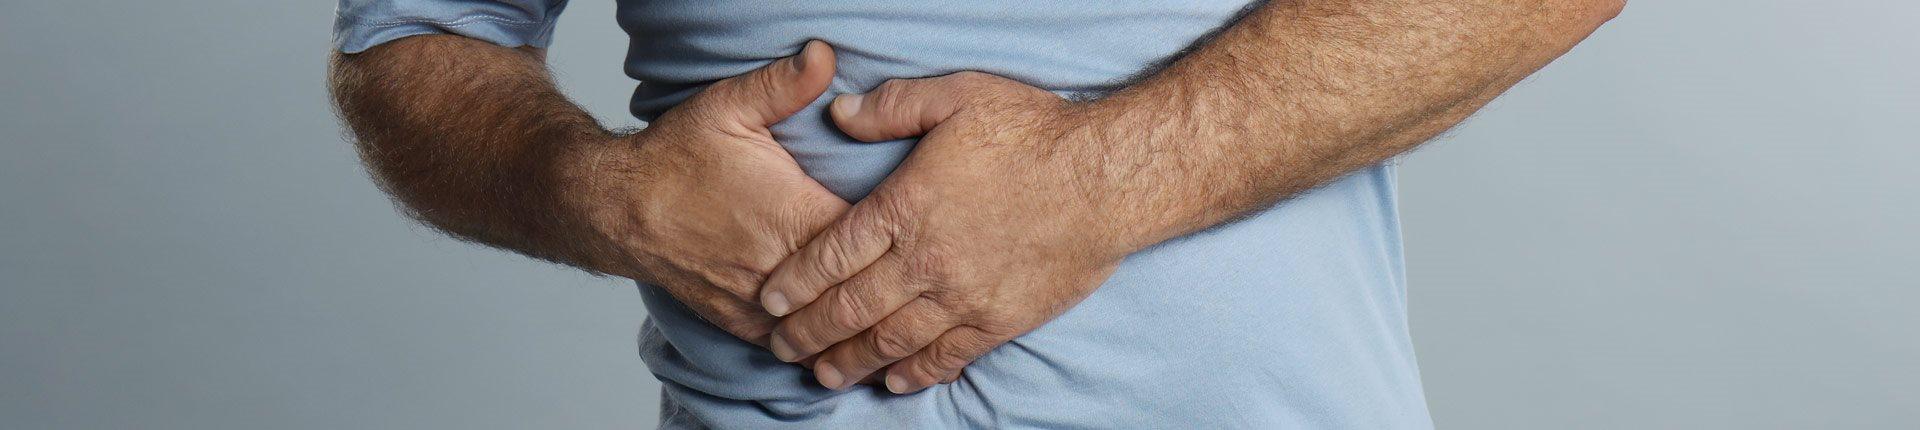 Niealkoholowa stłuszczeniowa choroba wątroby - czy można ją wyleczyć?